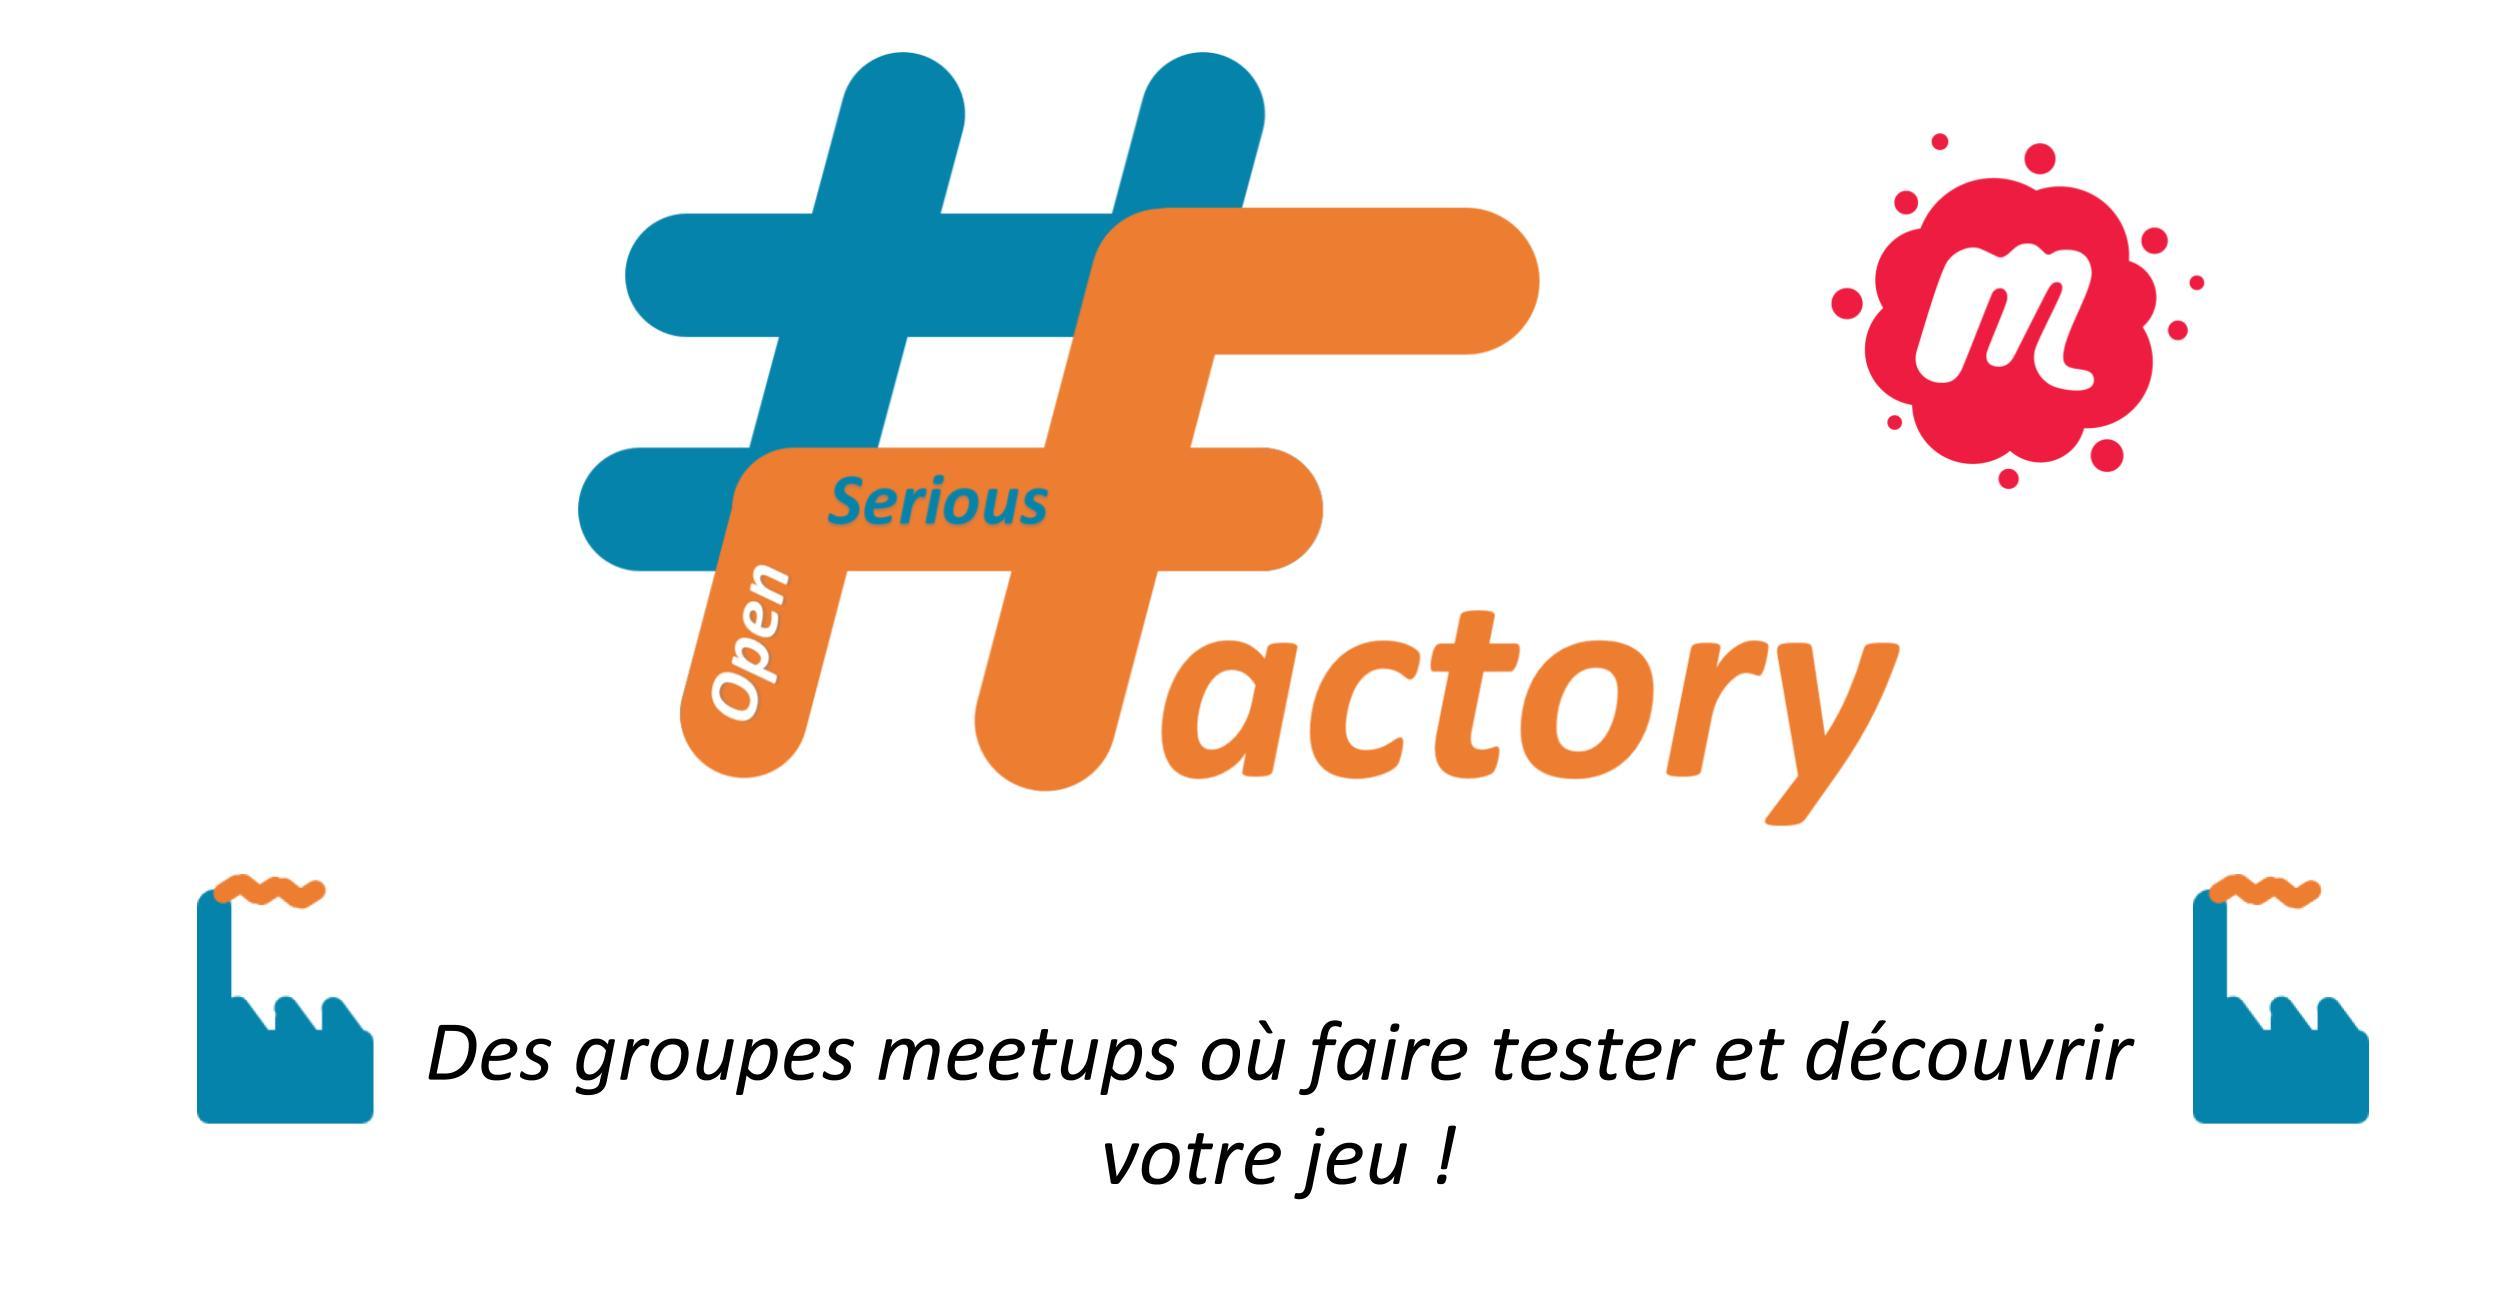 #OpenSeriousFactory 7 meetups où faire tester et connaître votre jeu sérieux